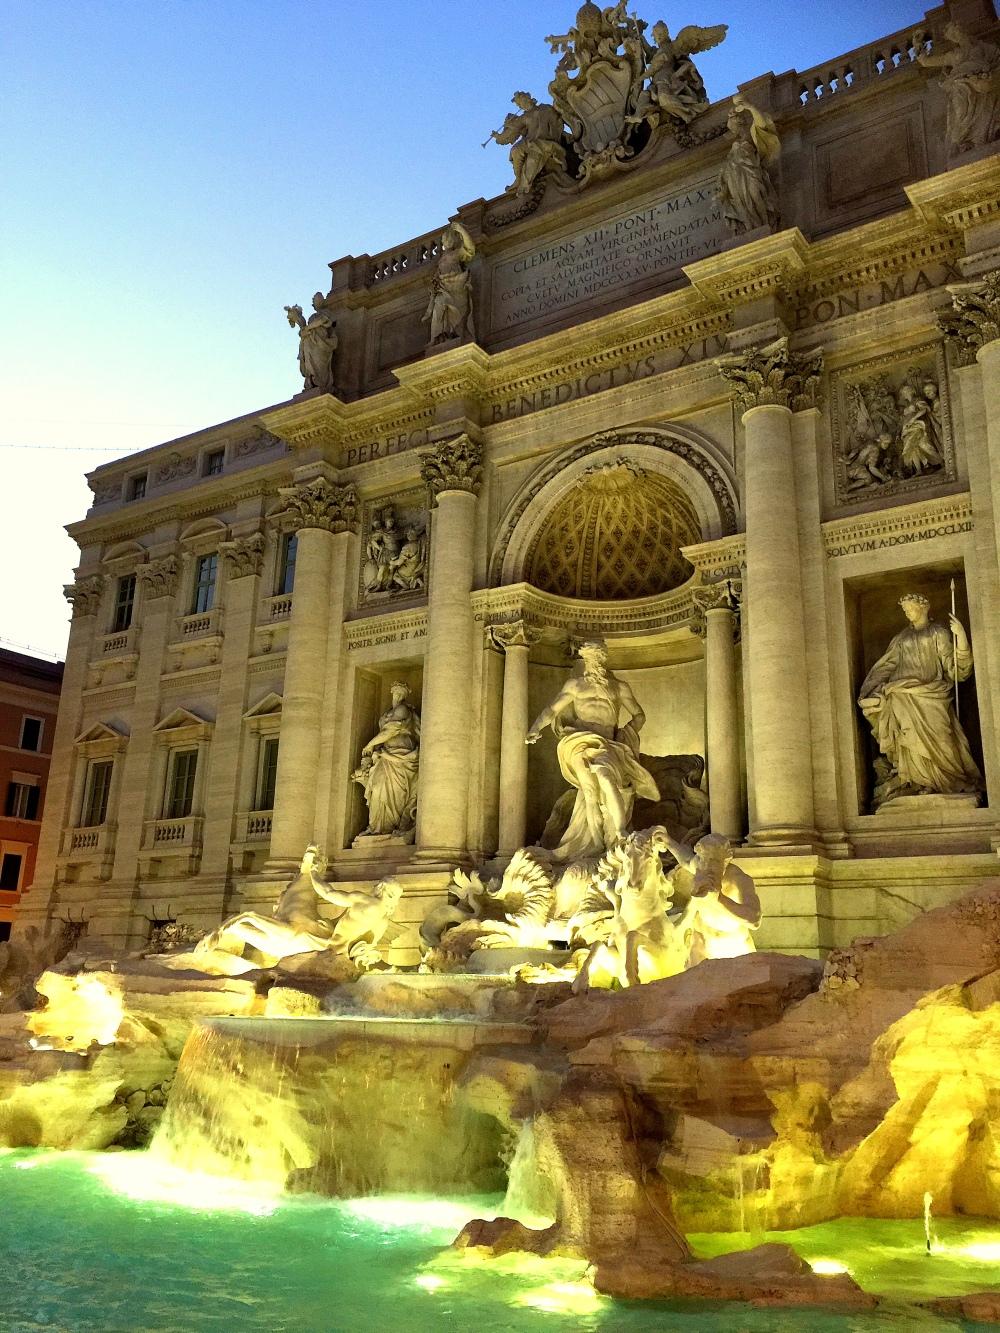 trevi-fountain-2-rome-italy-travelanyway